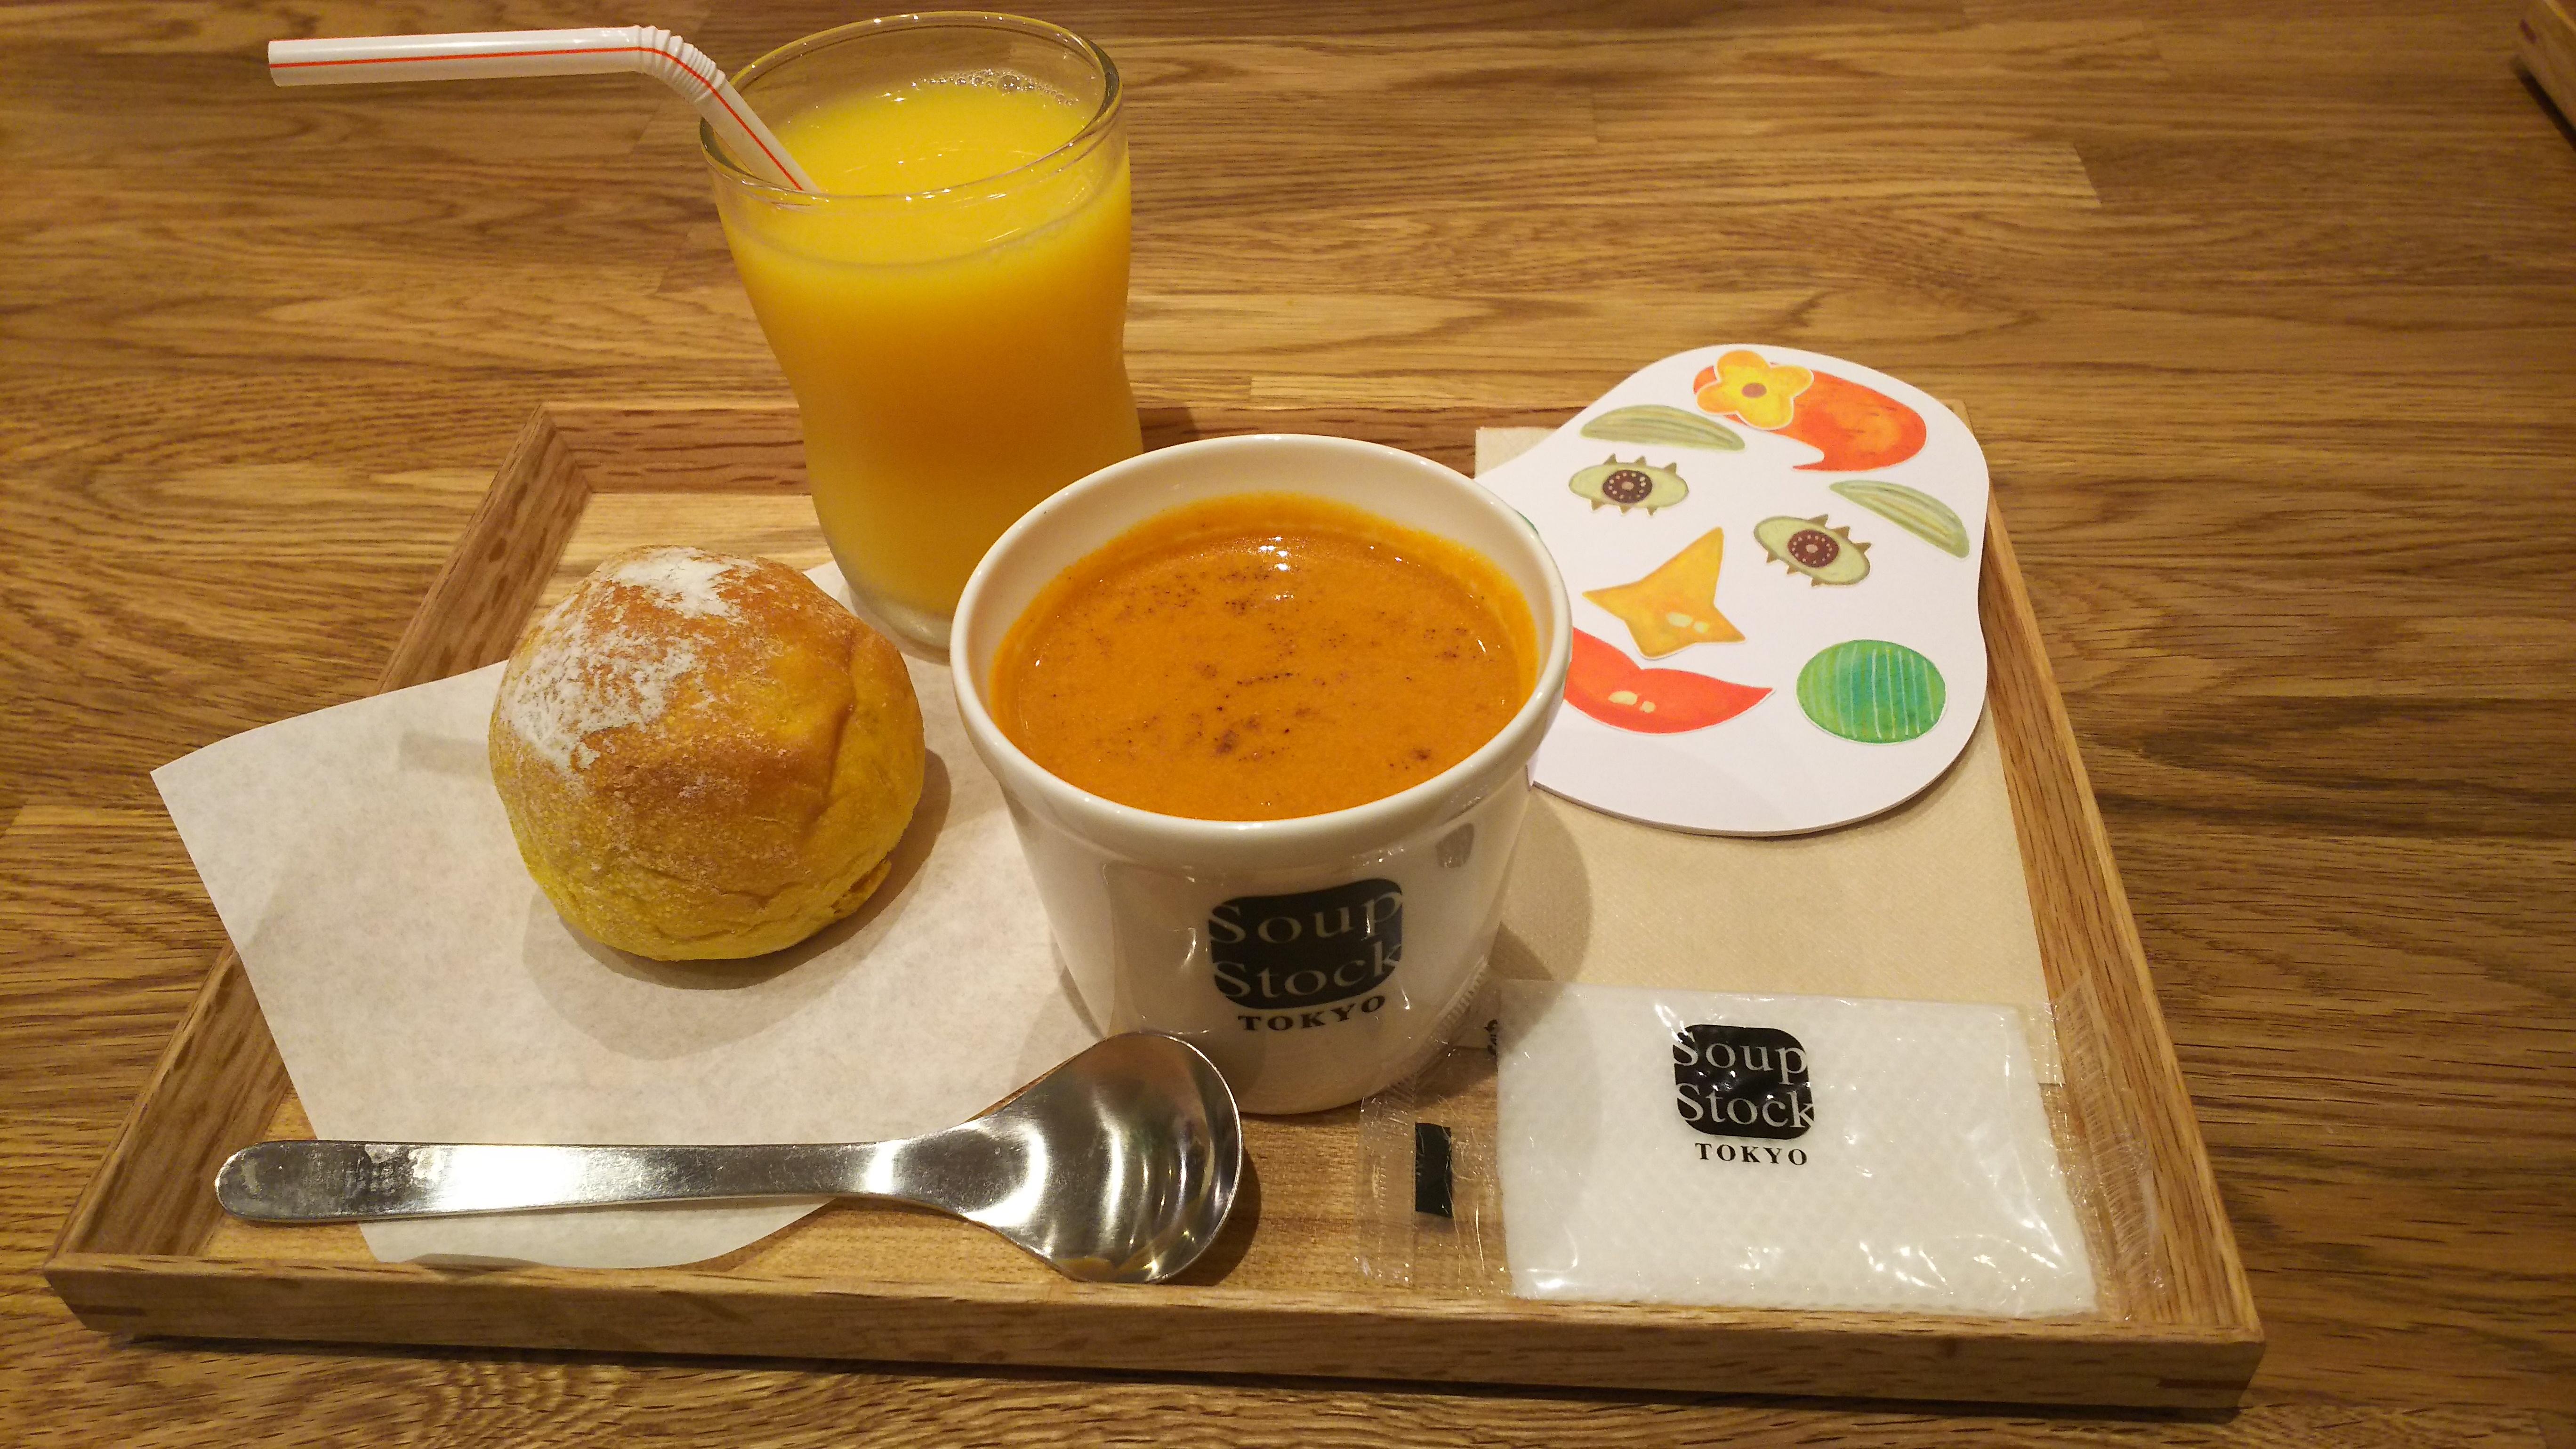 子供と一緒に楽しむ「Soup Stock Tokyo」が星が丘テラスにオープン - DSC 0329